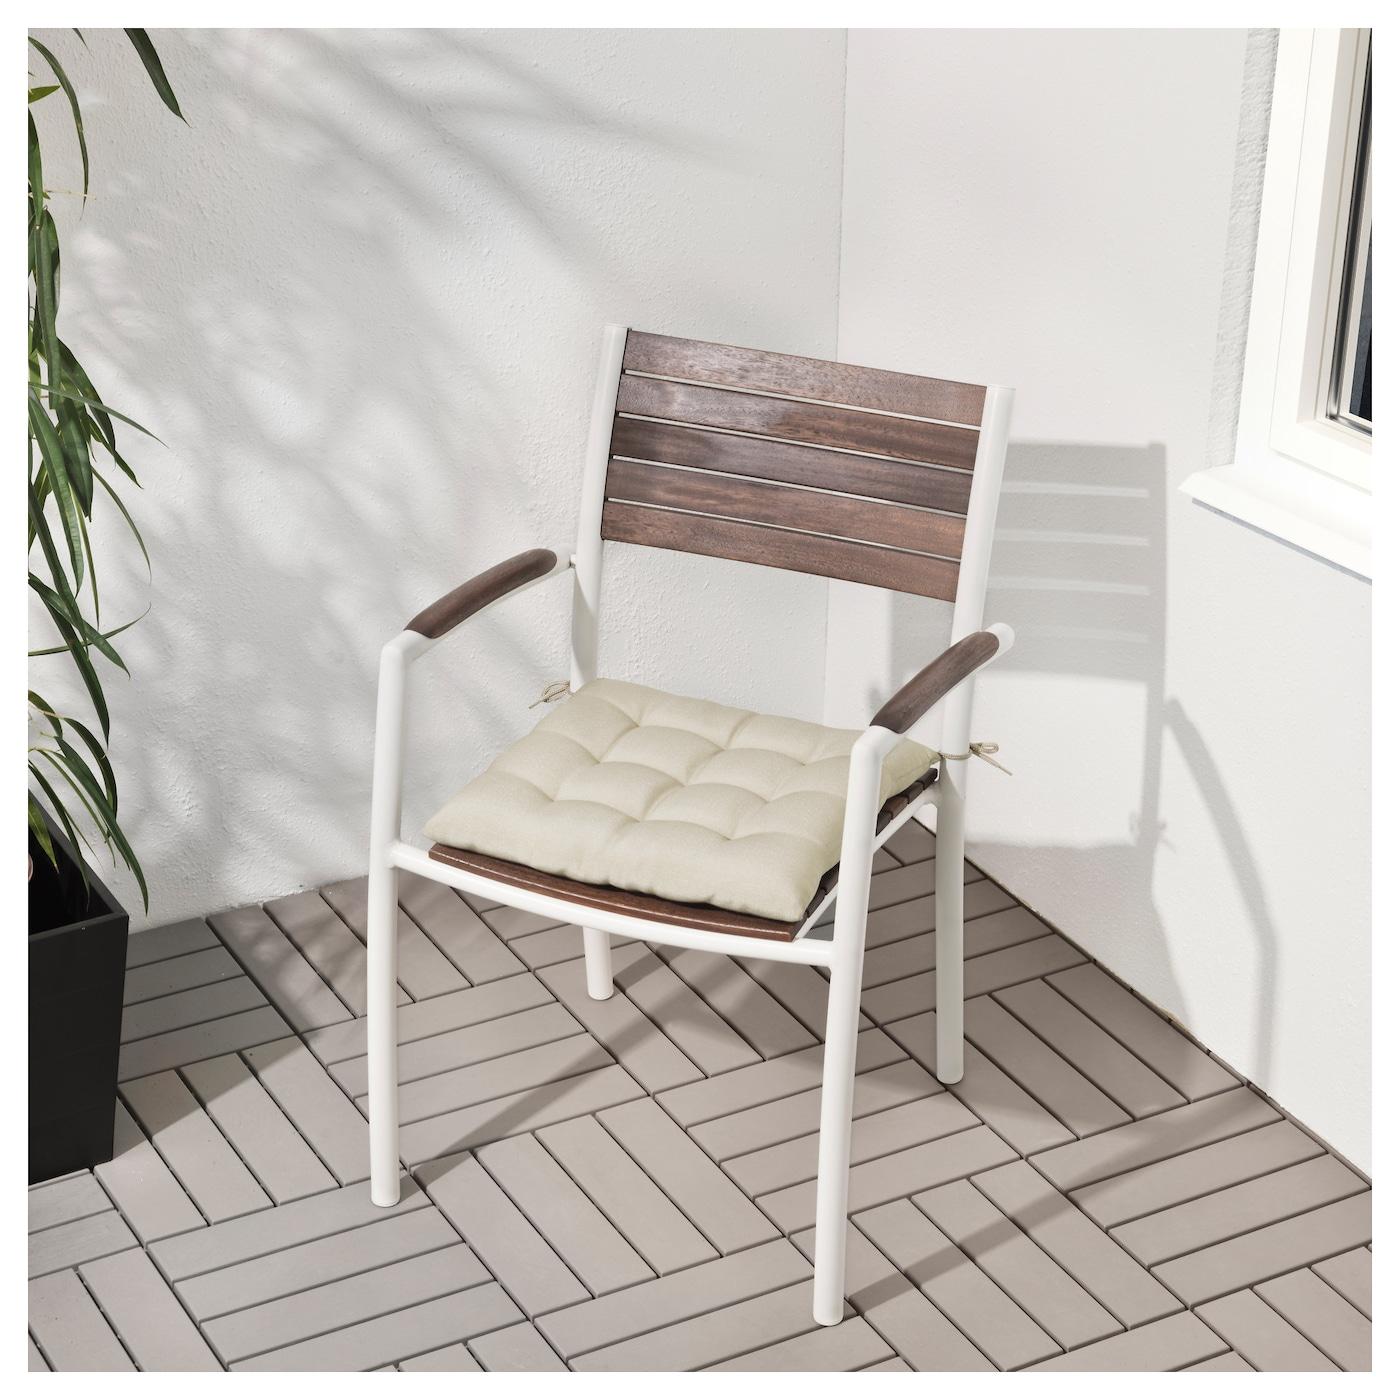 vindals chaise avec accoudoirs ext rieur blanc teint brun ikea. Black Bedroom Furniture Sets. Home Design Ideas